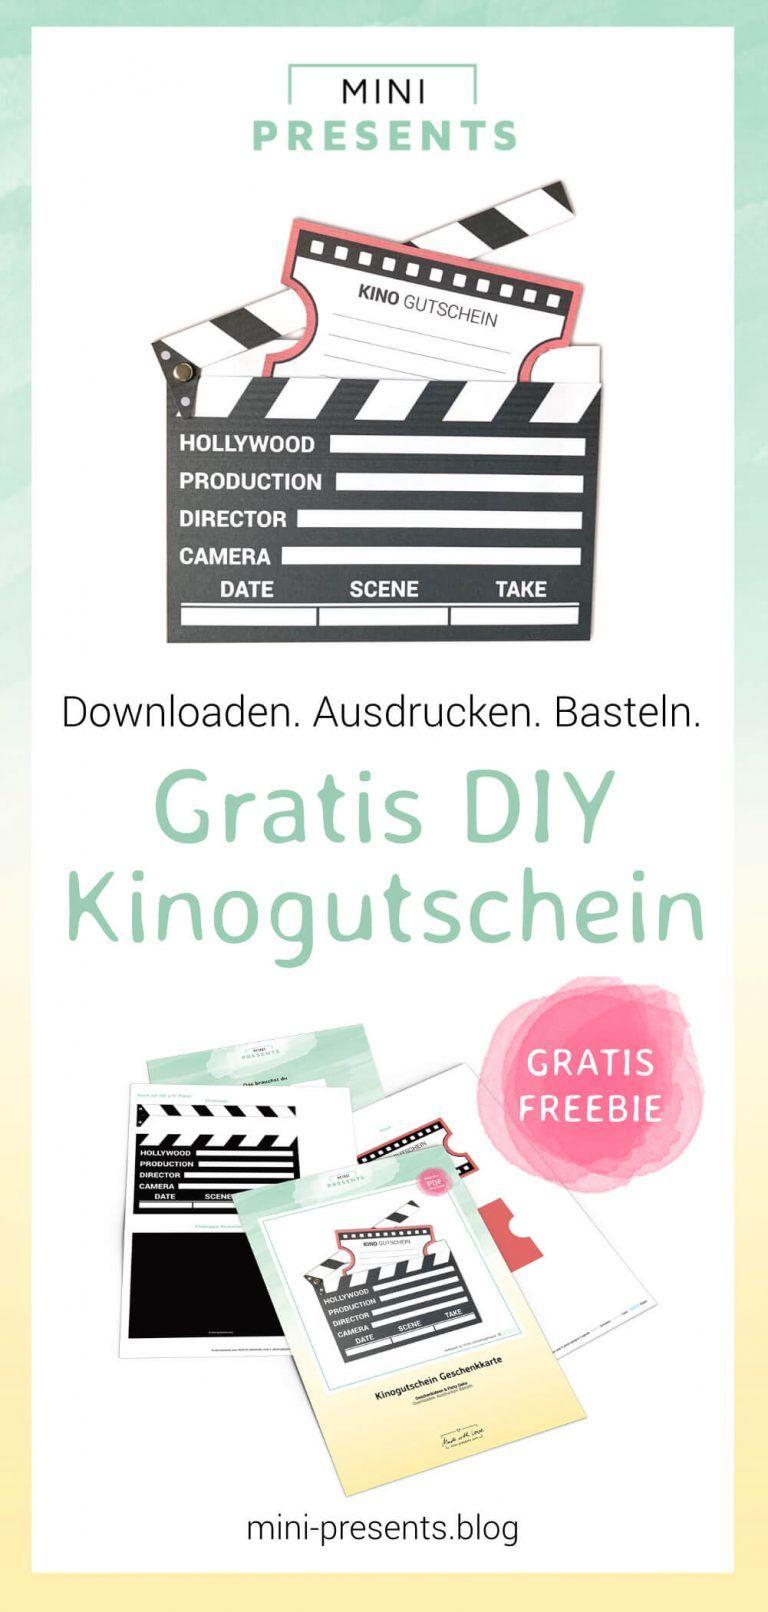 Ausdrucken kino gutscheine vorlagen kostenlos Faszinieren Vorlage